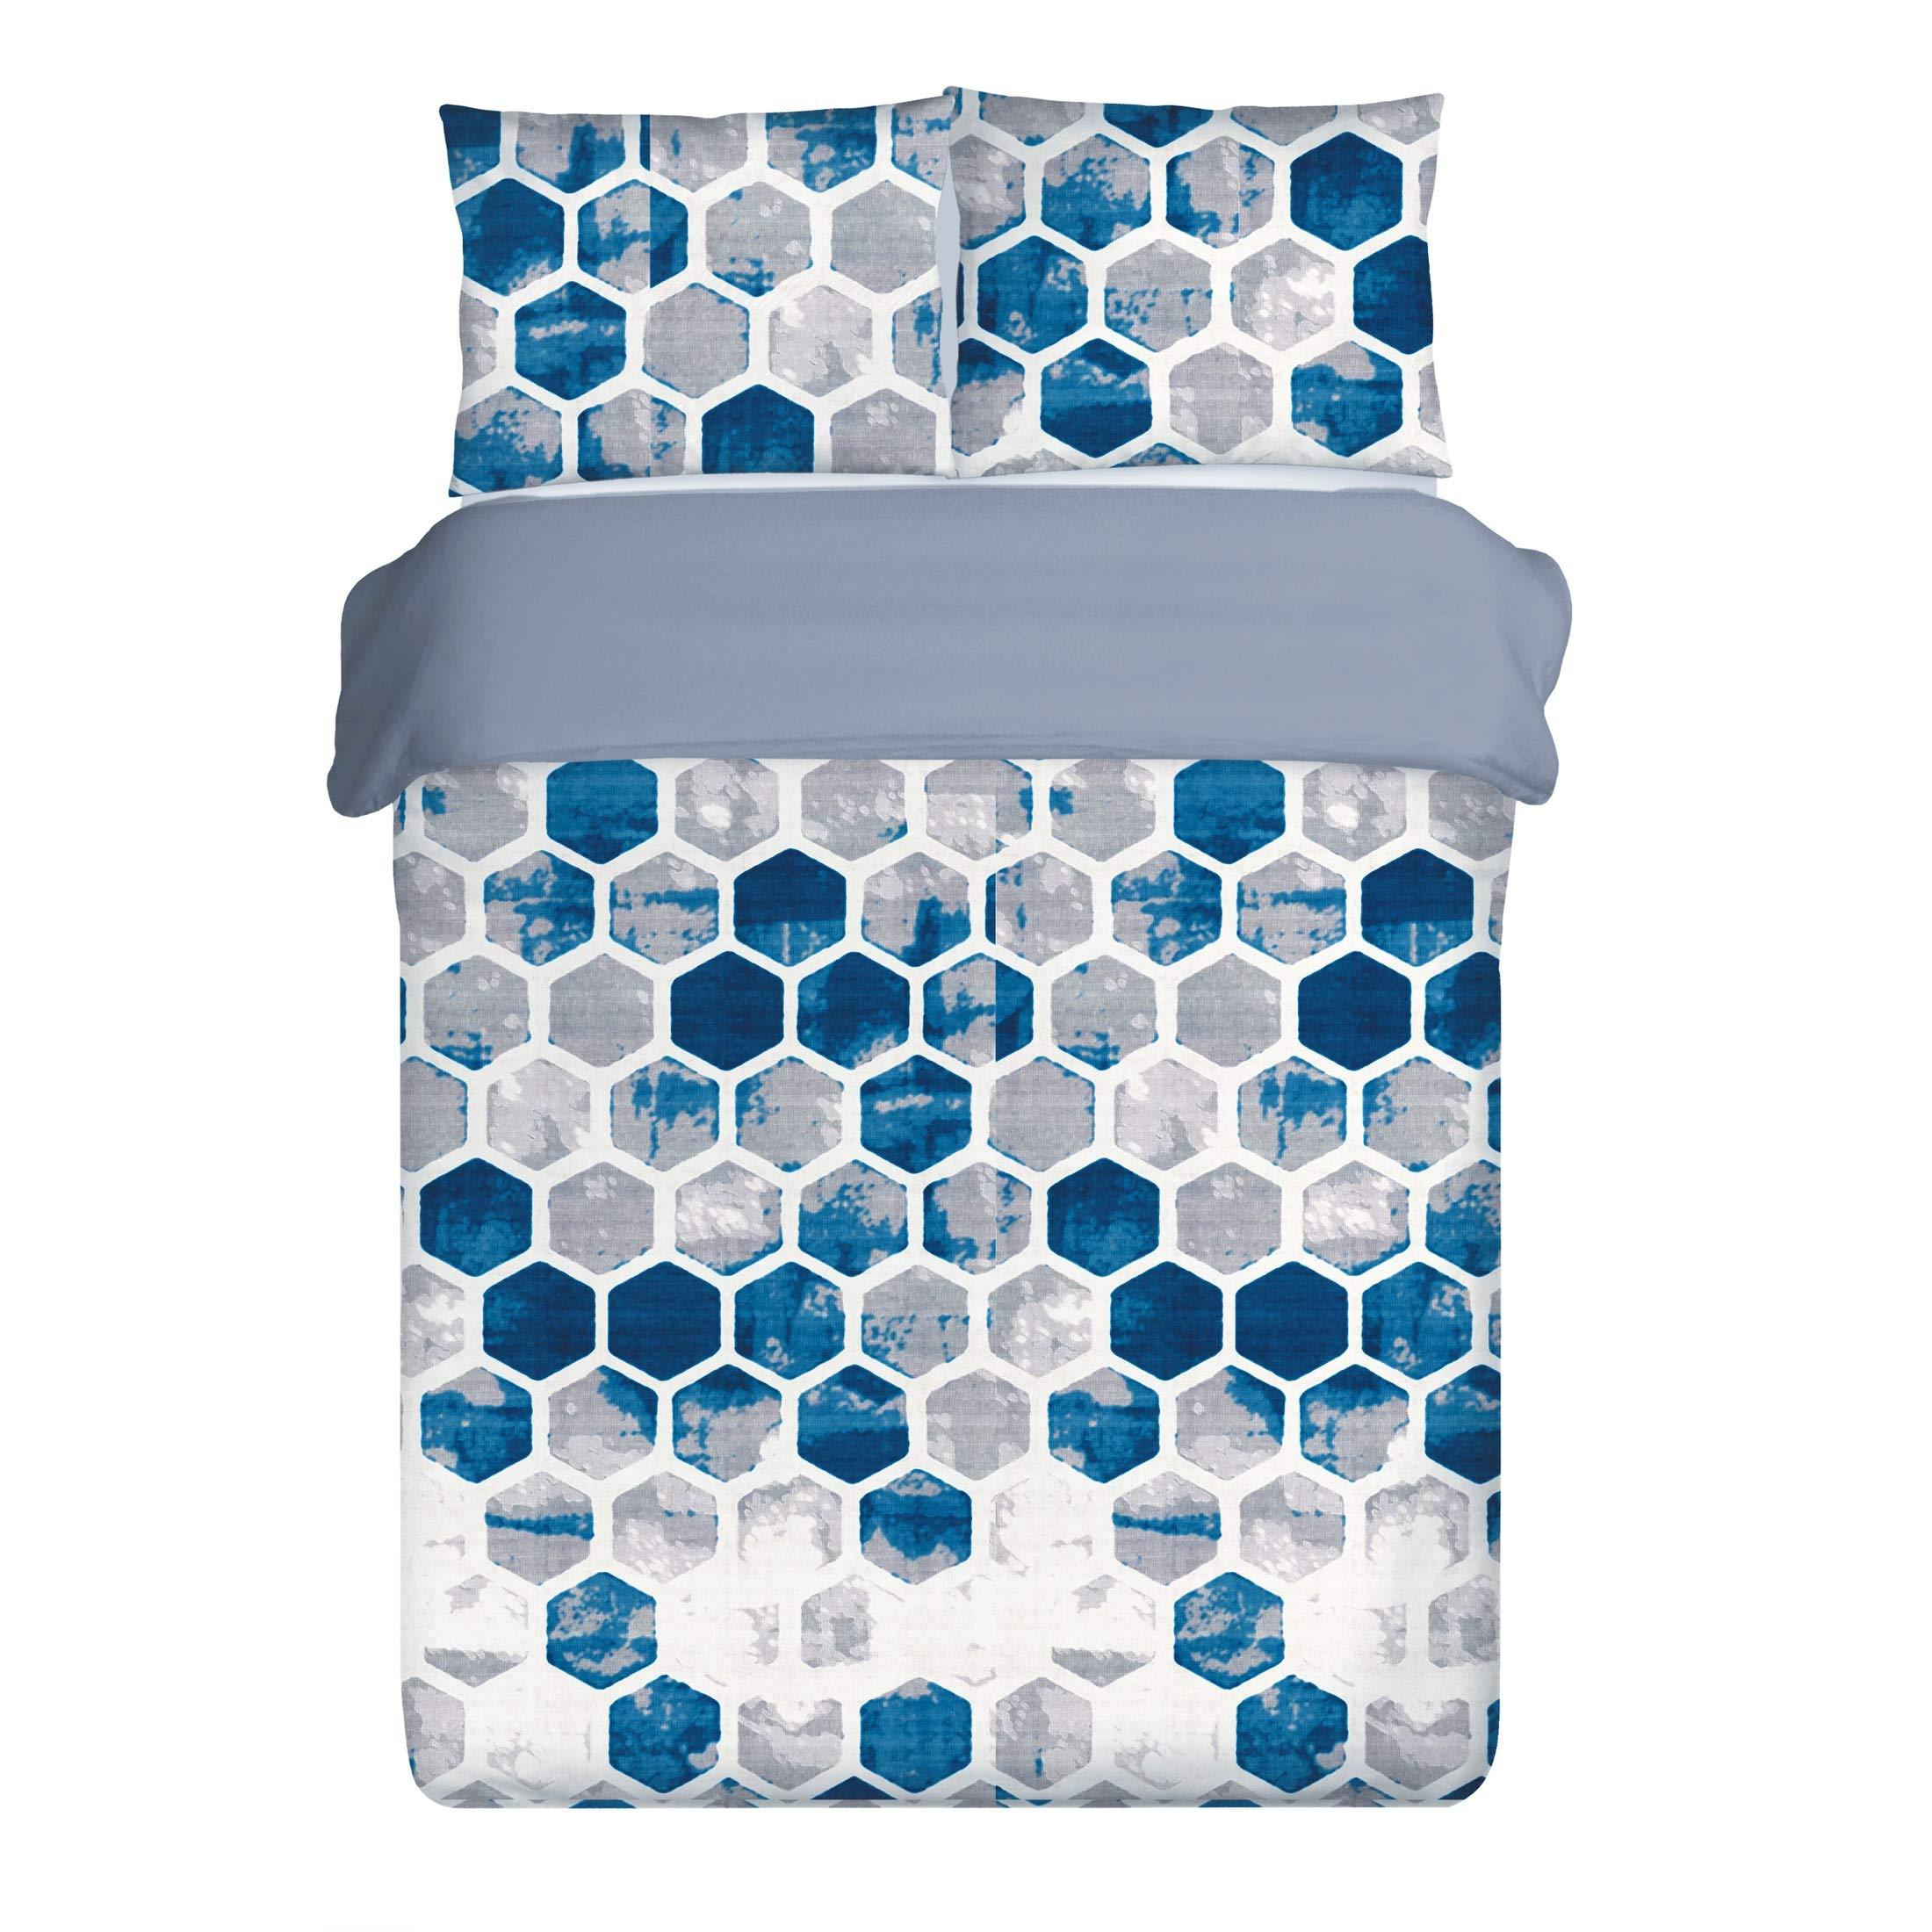 Eurofirany - Ropa de Cama con diseño de Trapecio, Color Blanco, Azul y Gris, Funda nórdica de